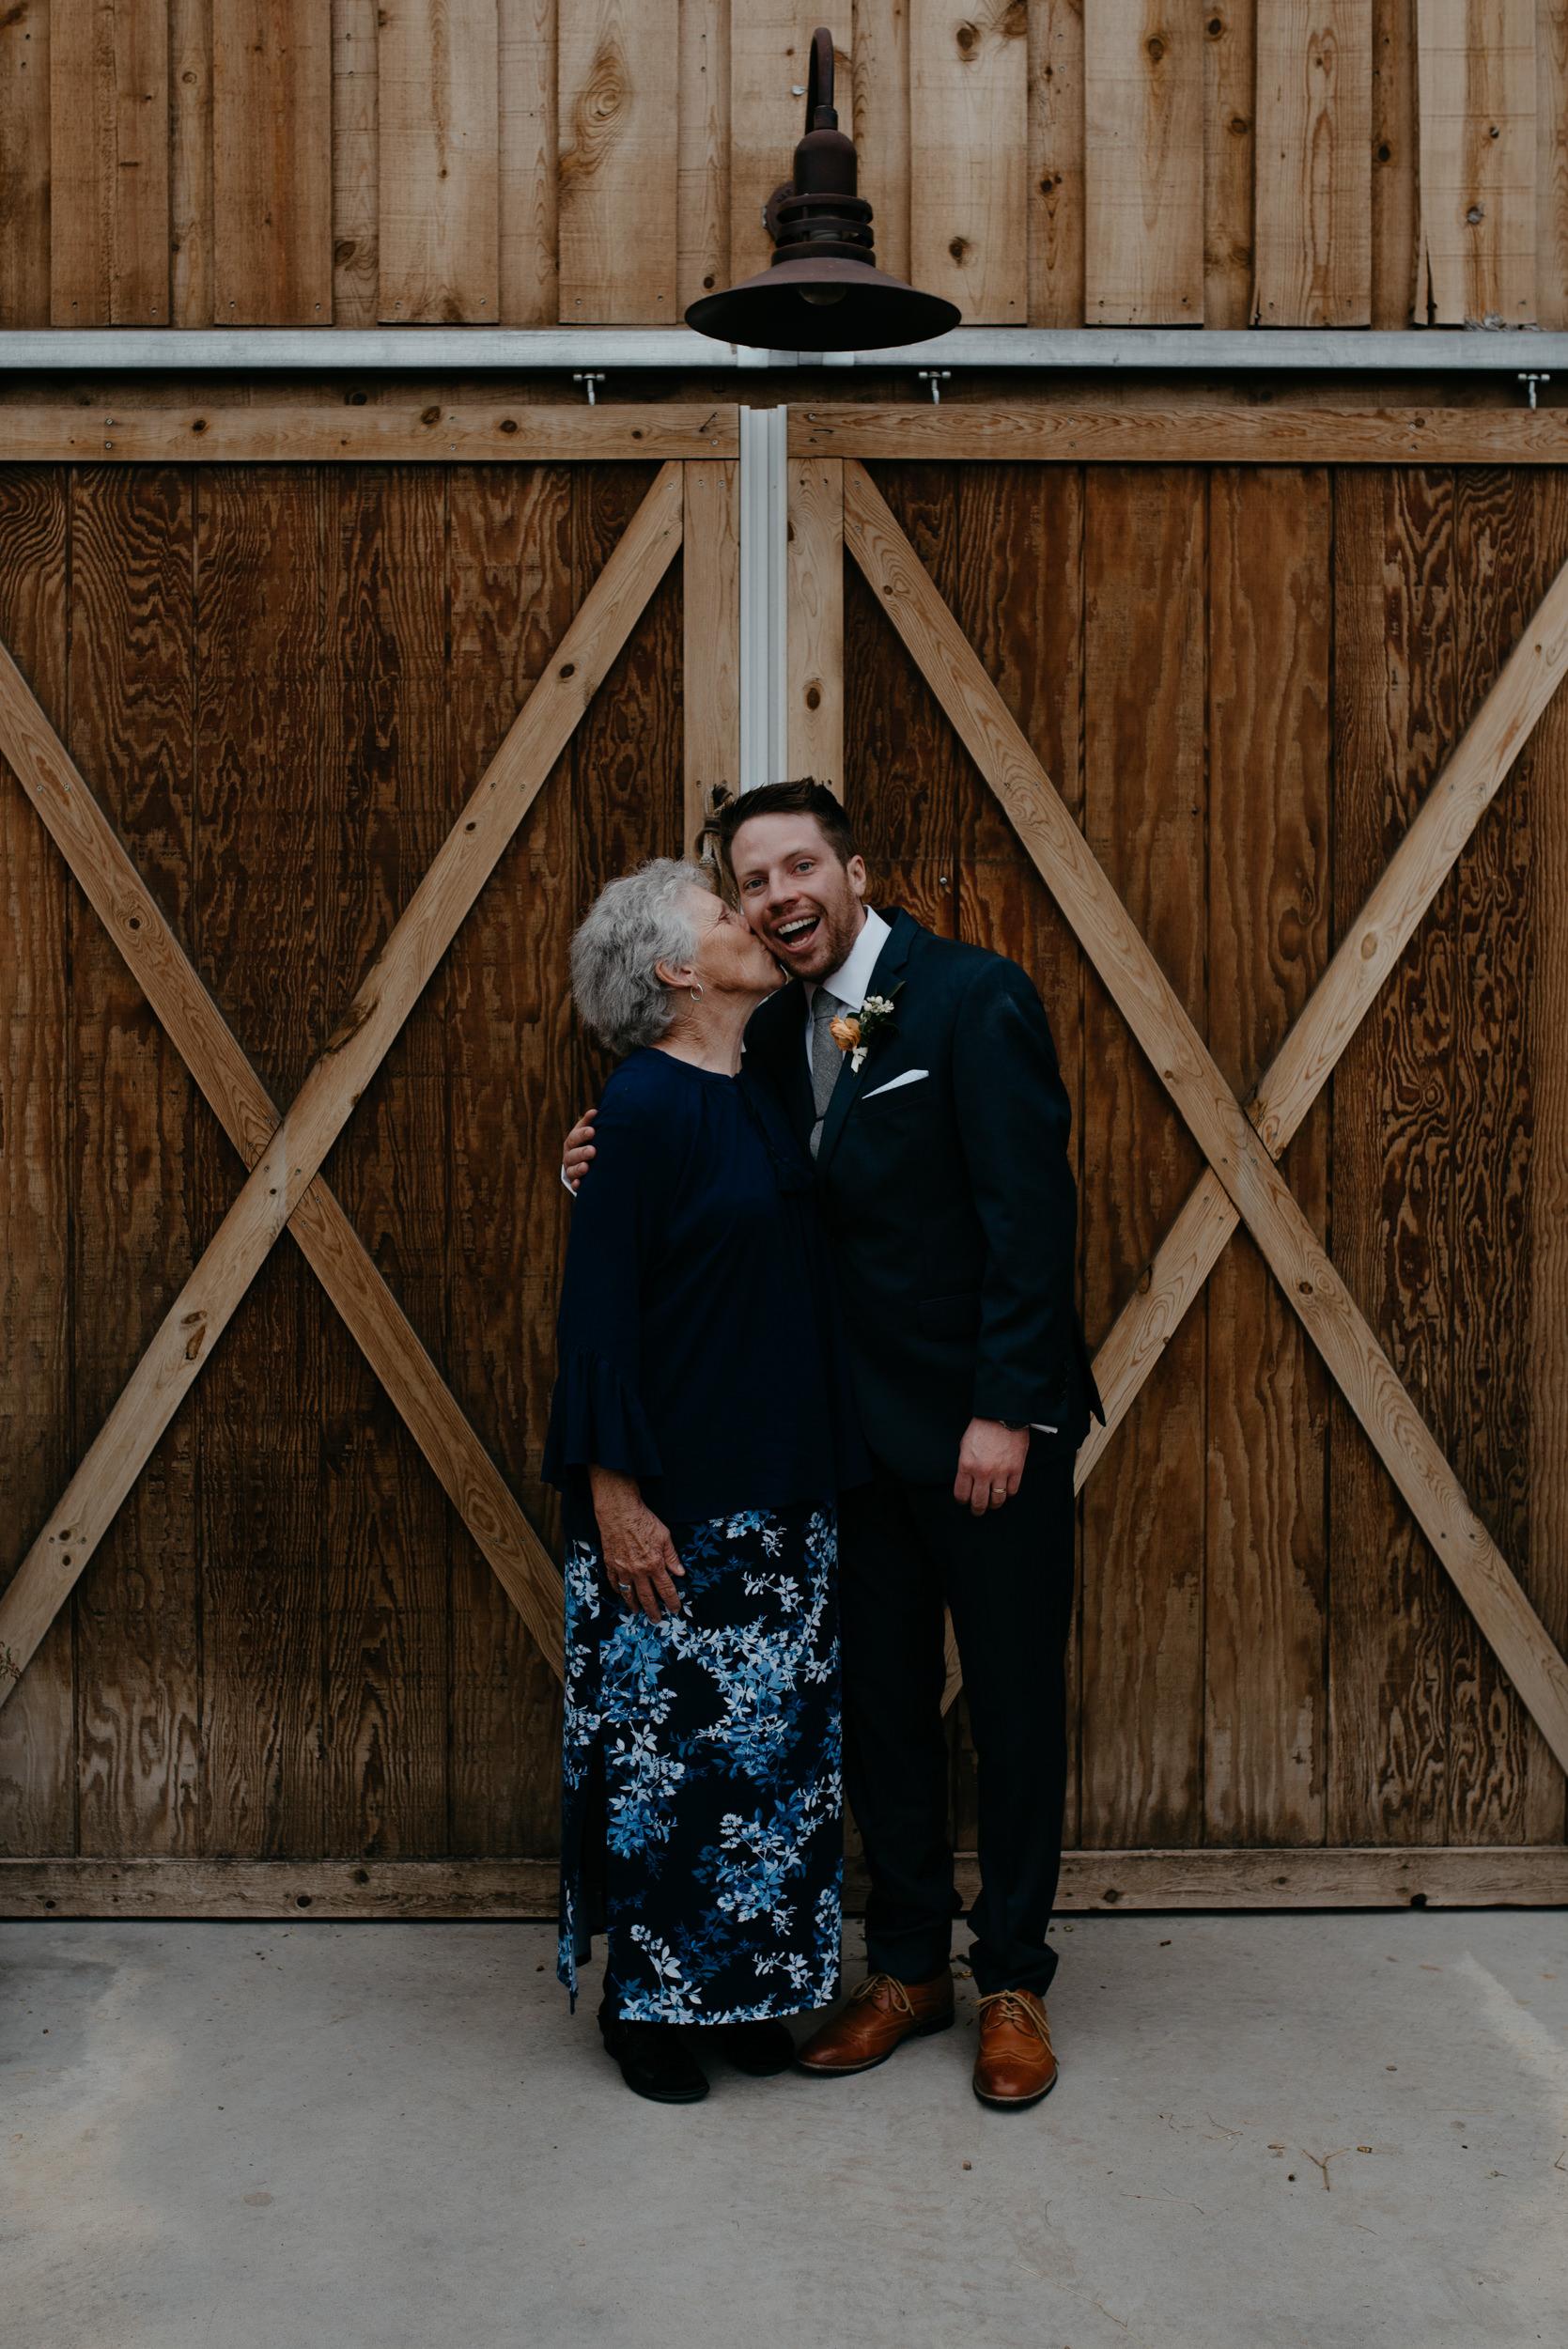 Family photos at Boulder, Colorado farm wedding.